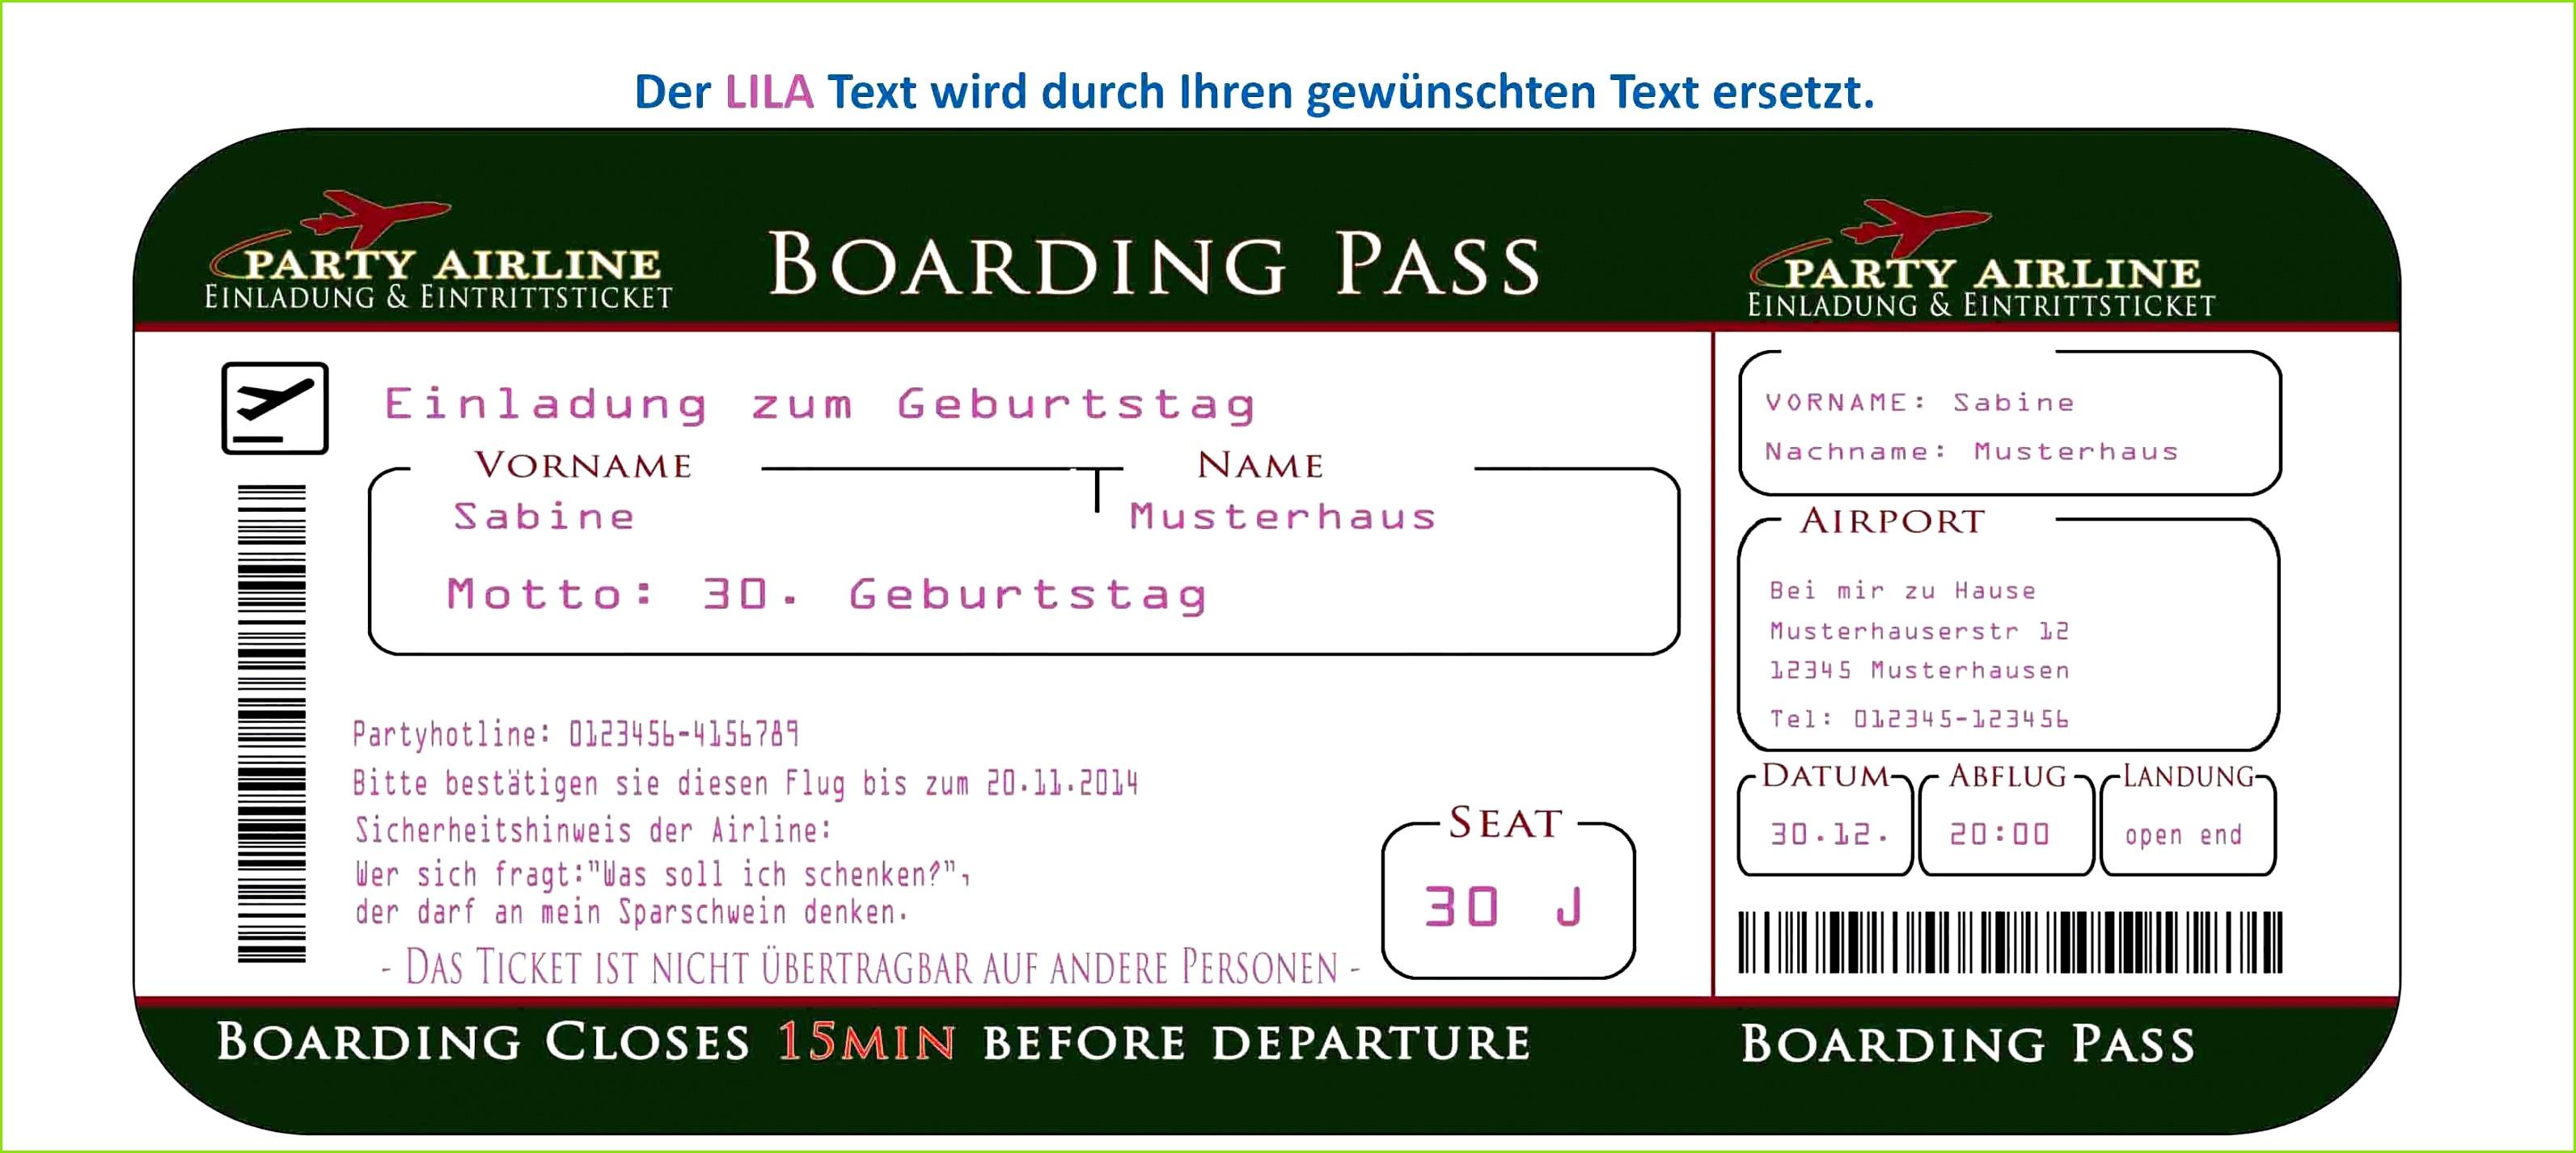 Einladung Hochzeit Text Schön Einladungskarten Vorlagen Geburtstag Vorlagen Einladungen 0d Ideen